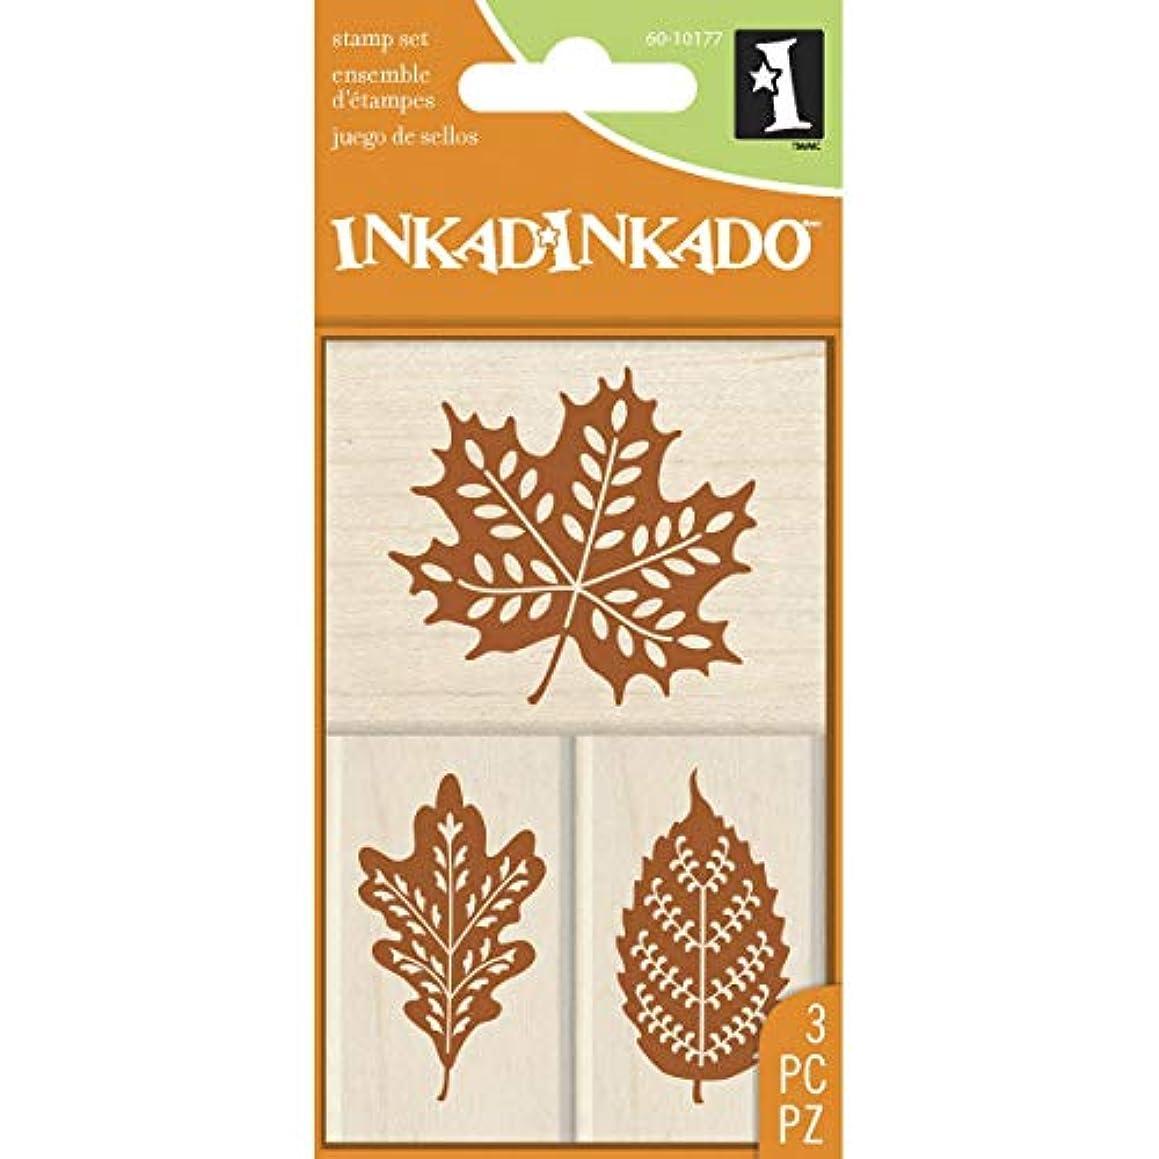 Inkadinkado 60-10177 Fall Leaves Wood Stamp Set, Black